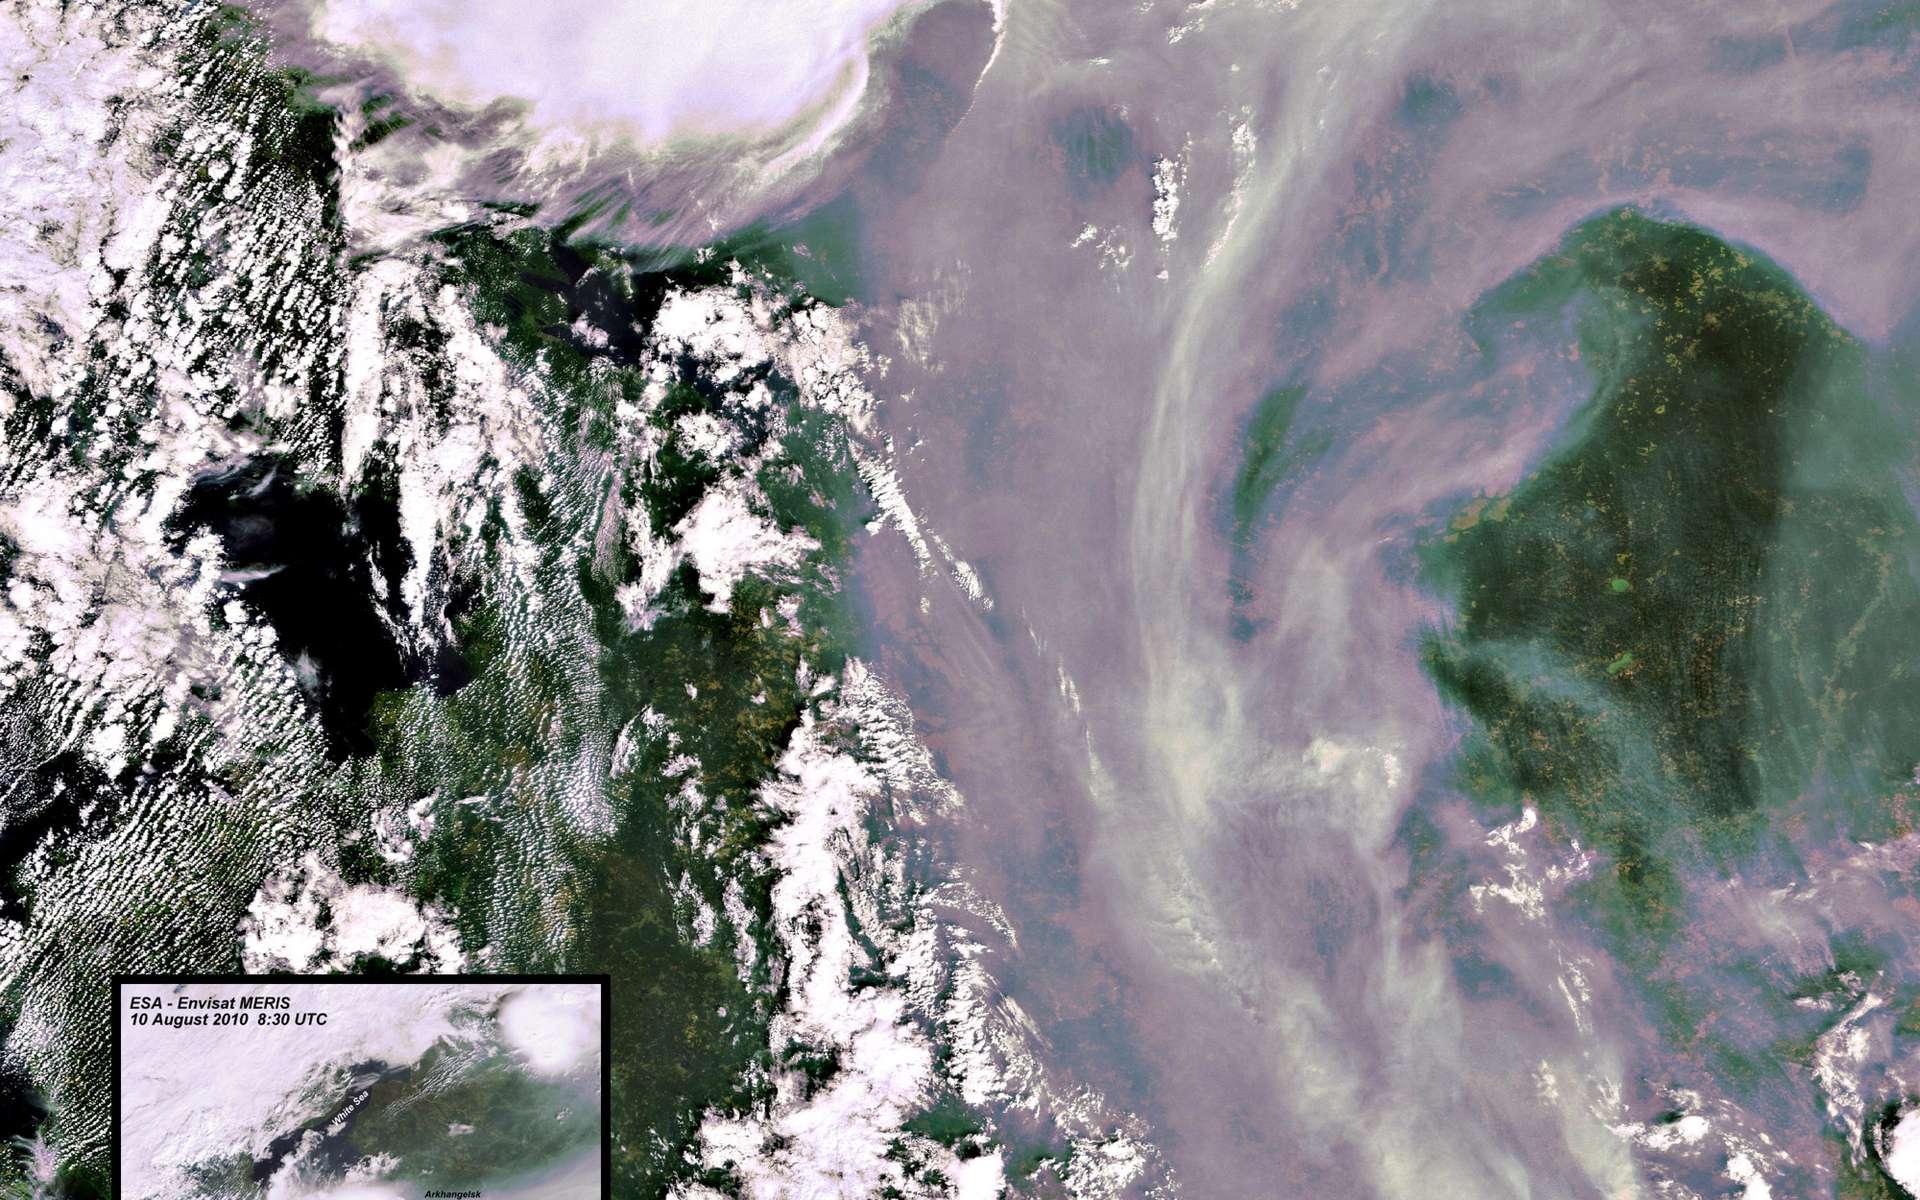 Cette image de la situation des incendies en Russie a été acquise le 10 août par l'instrument Meris du satellite Envisat. Comparée à des images précédentes, elle permet de suivre l'évolution des feux et du nuage de particules qui s'est formé. Crédit Esa